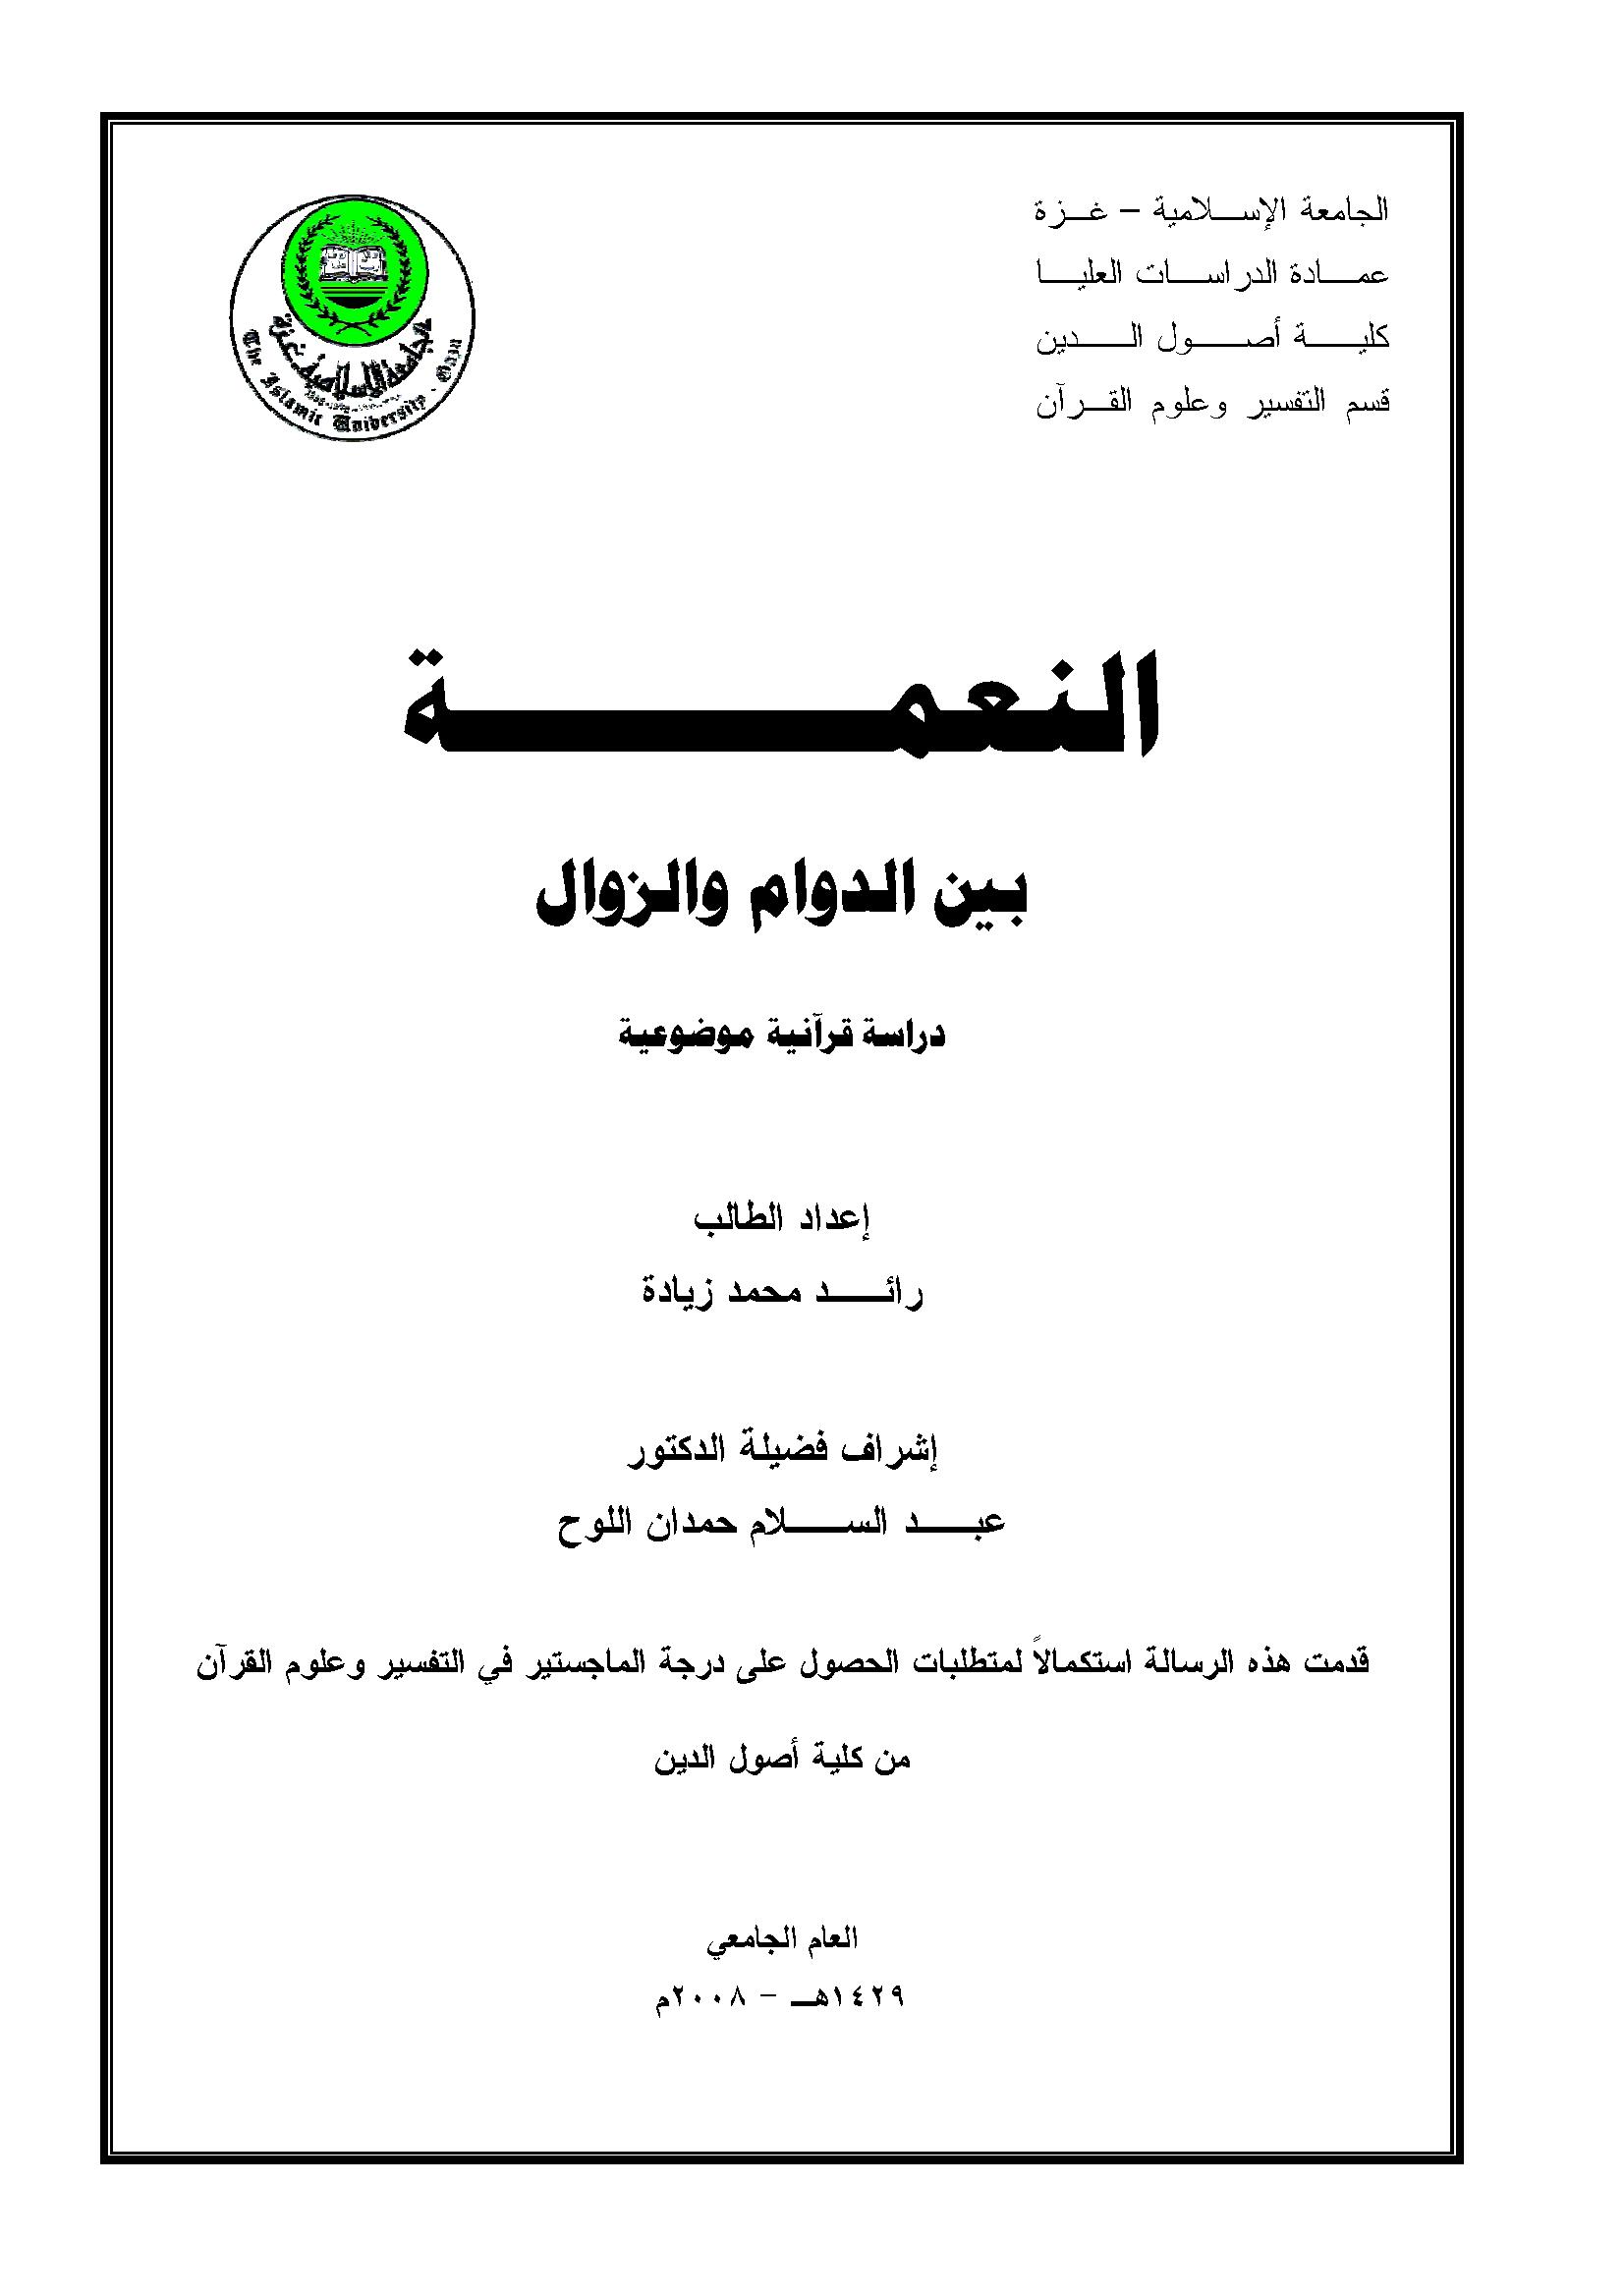 تحميل كتاب النعمة بين الدوام والزوال (دراسة قرآنية موضوعية) لـِ: رائد محمد سالم زيادة